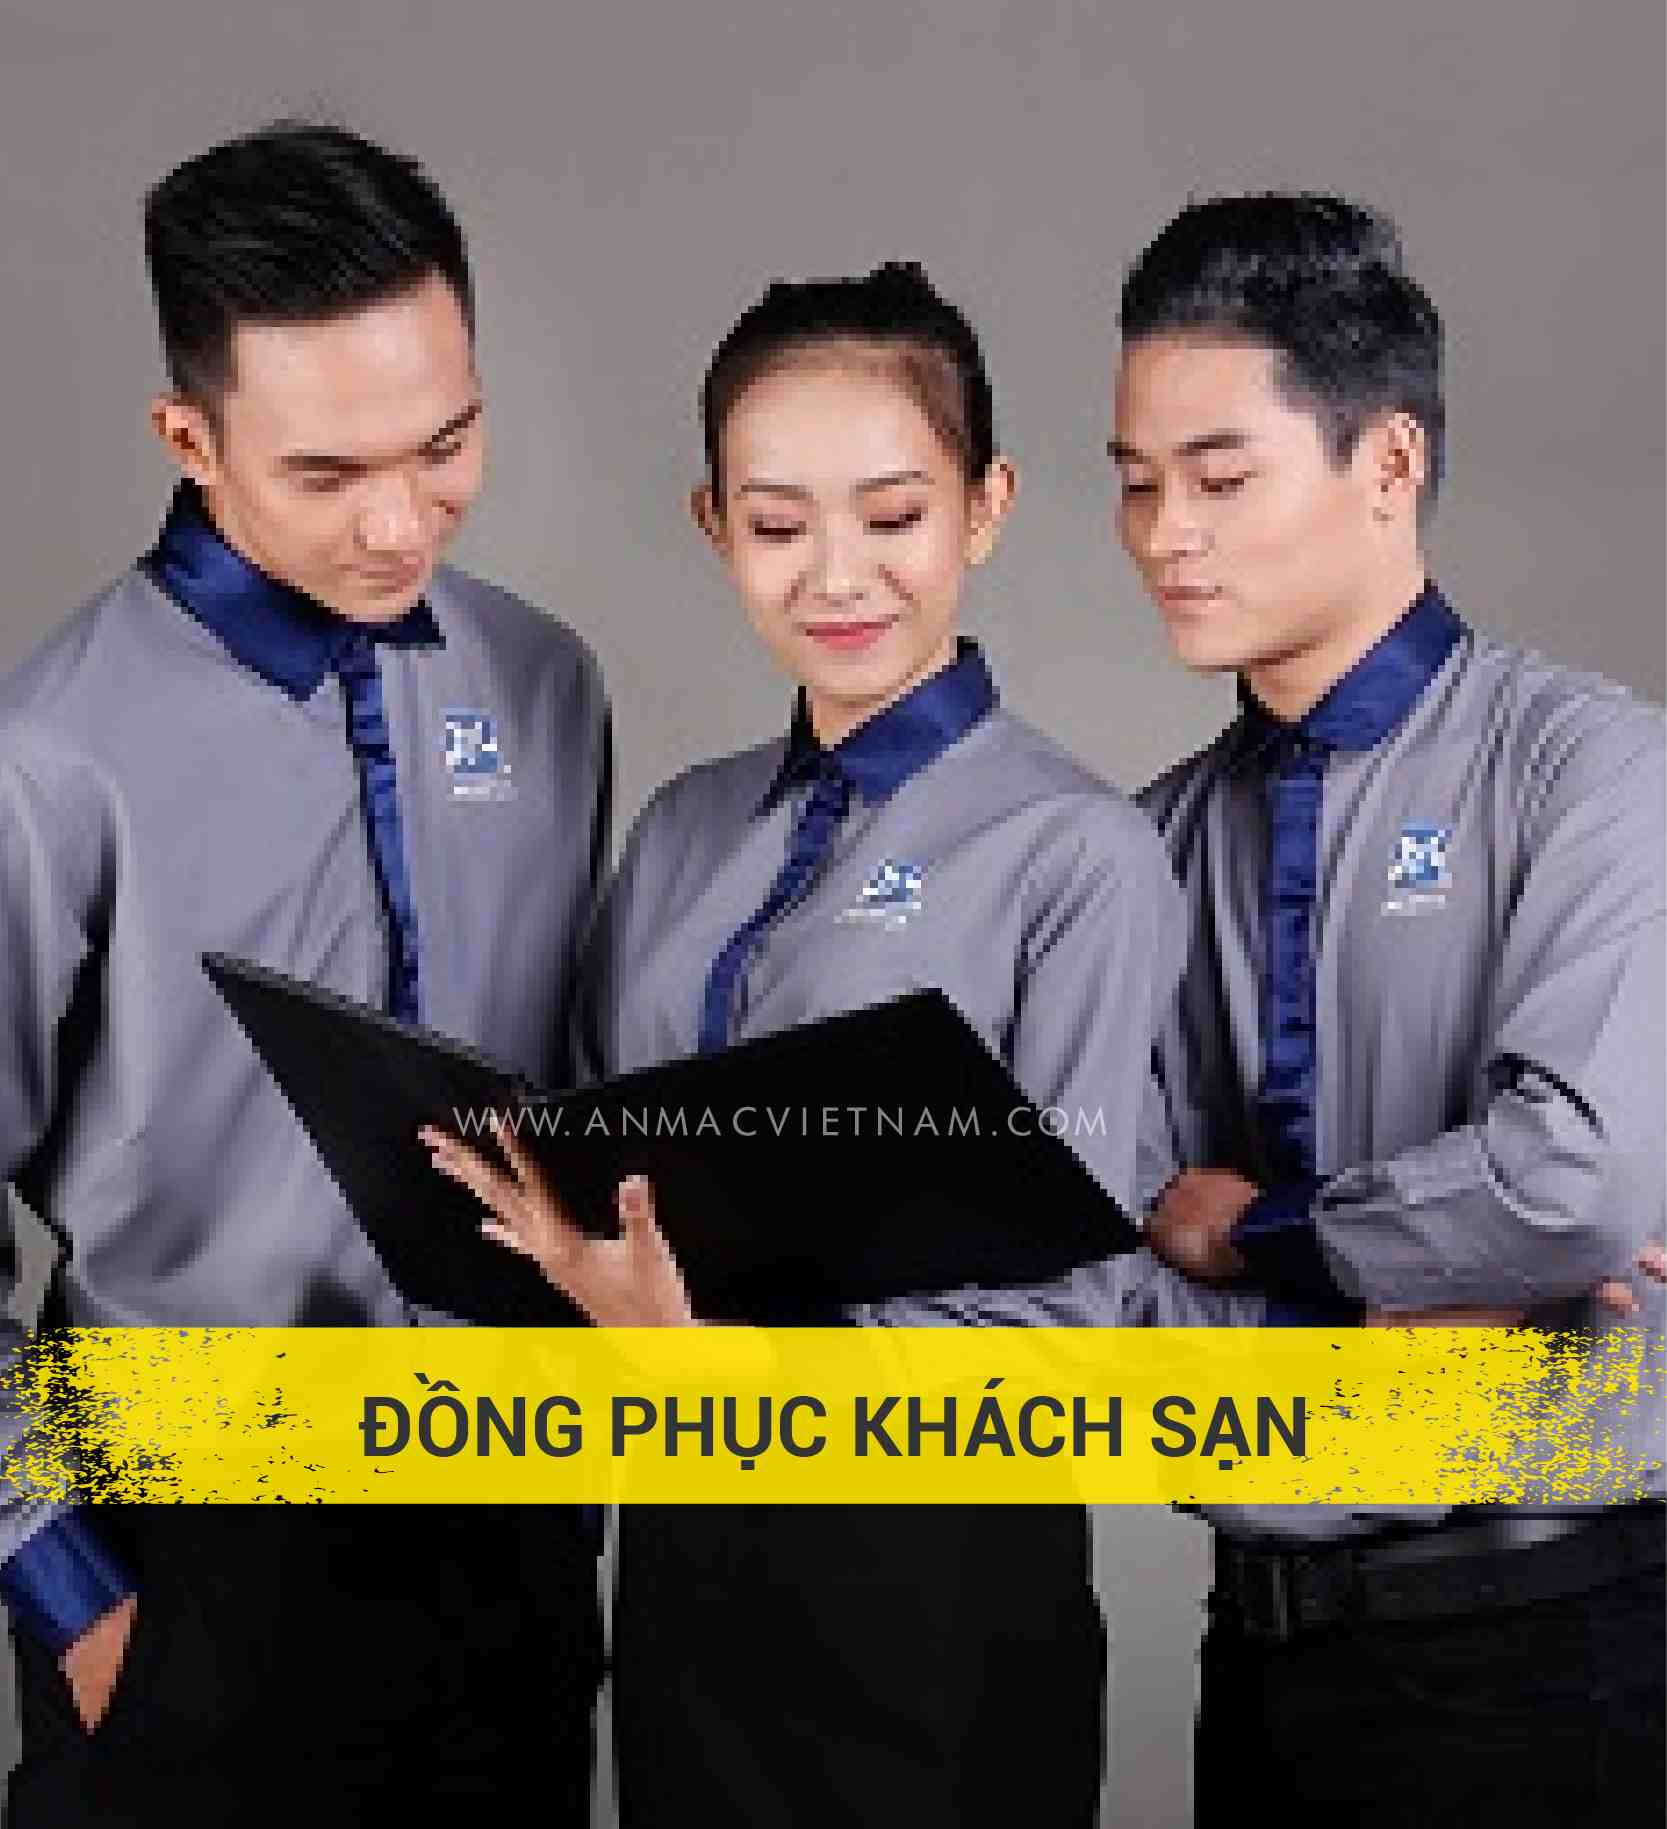 dong-phuc-khach-san Danh mục sản phẩm theo ngành